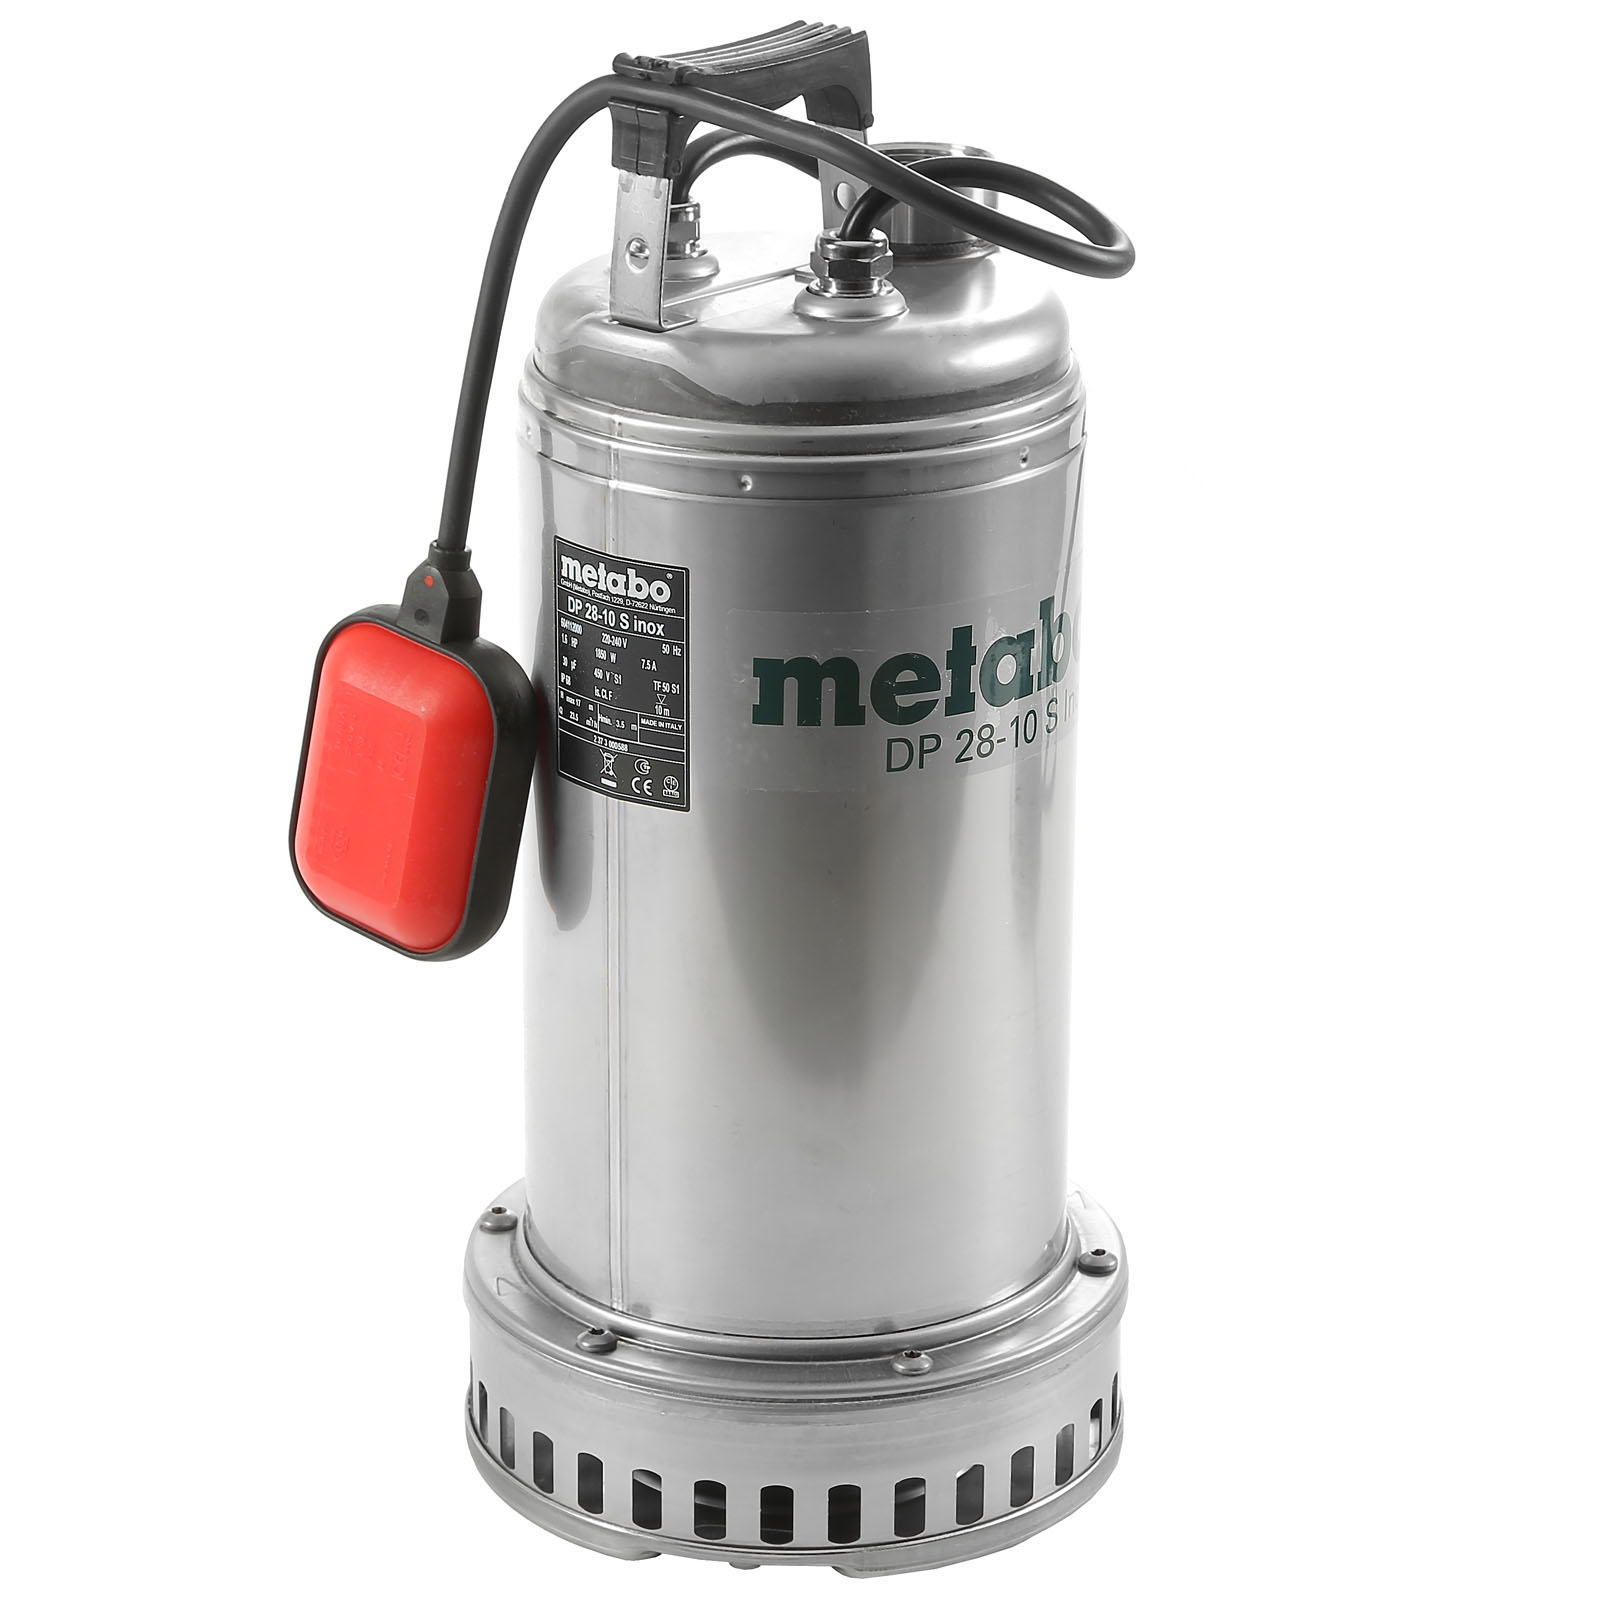 Дренажный насос Metabo Dp 28-10 s inox (604112000) насос для воды neoclima dp 1100 dk